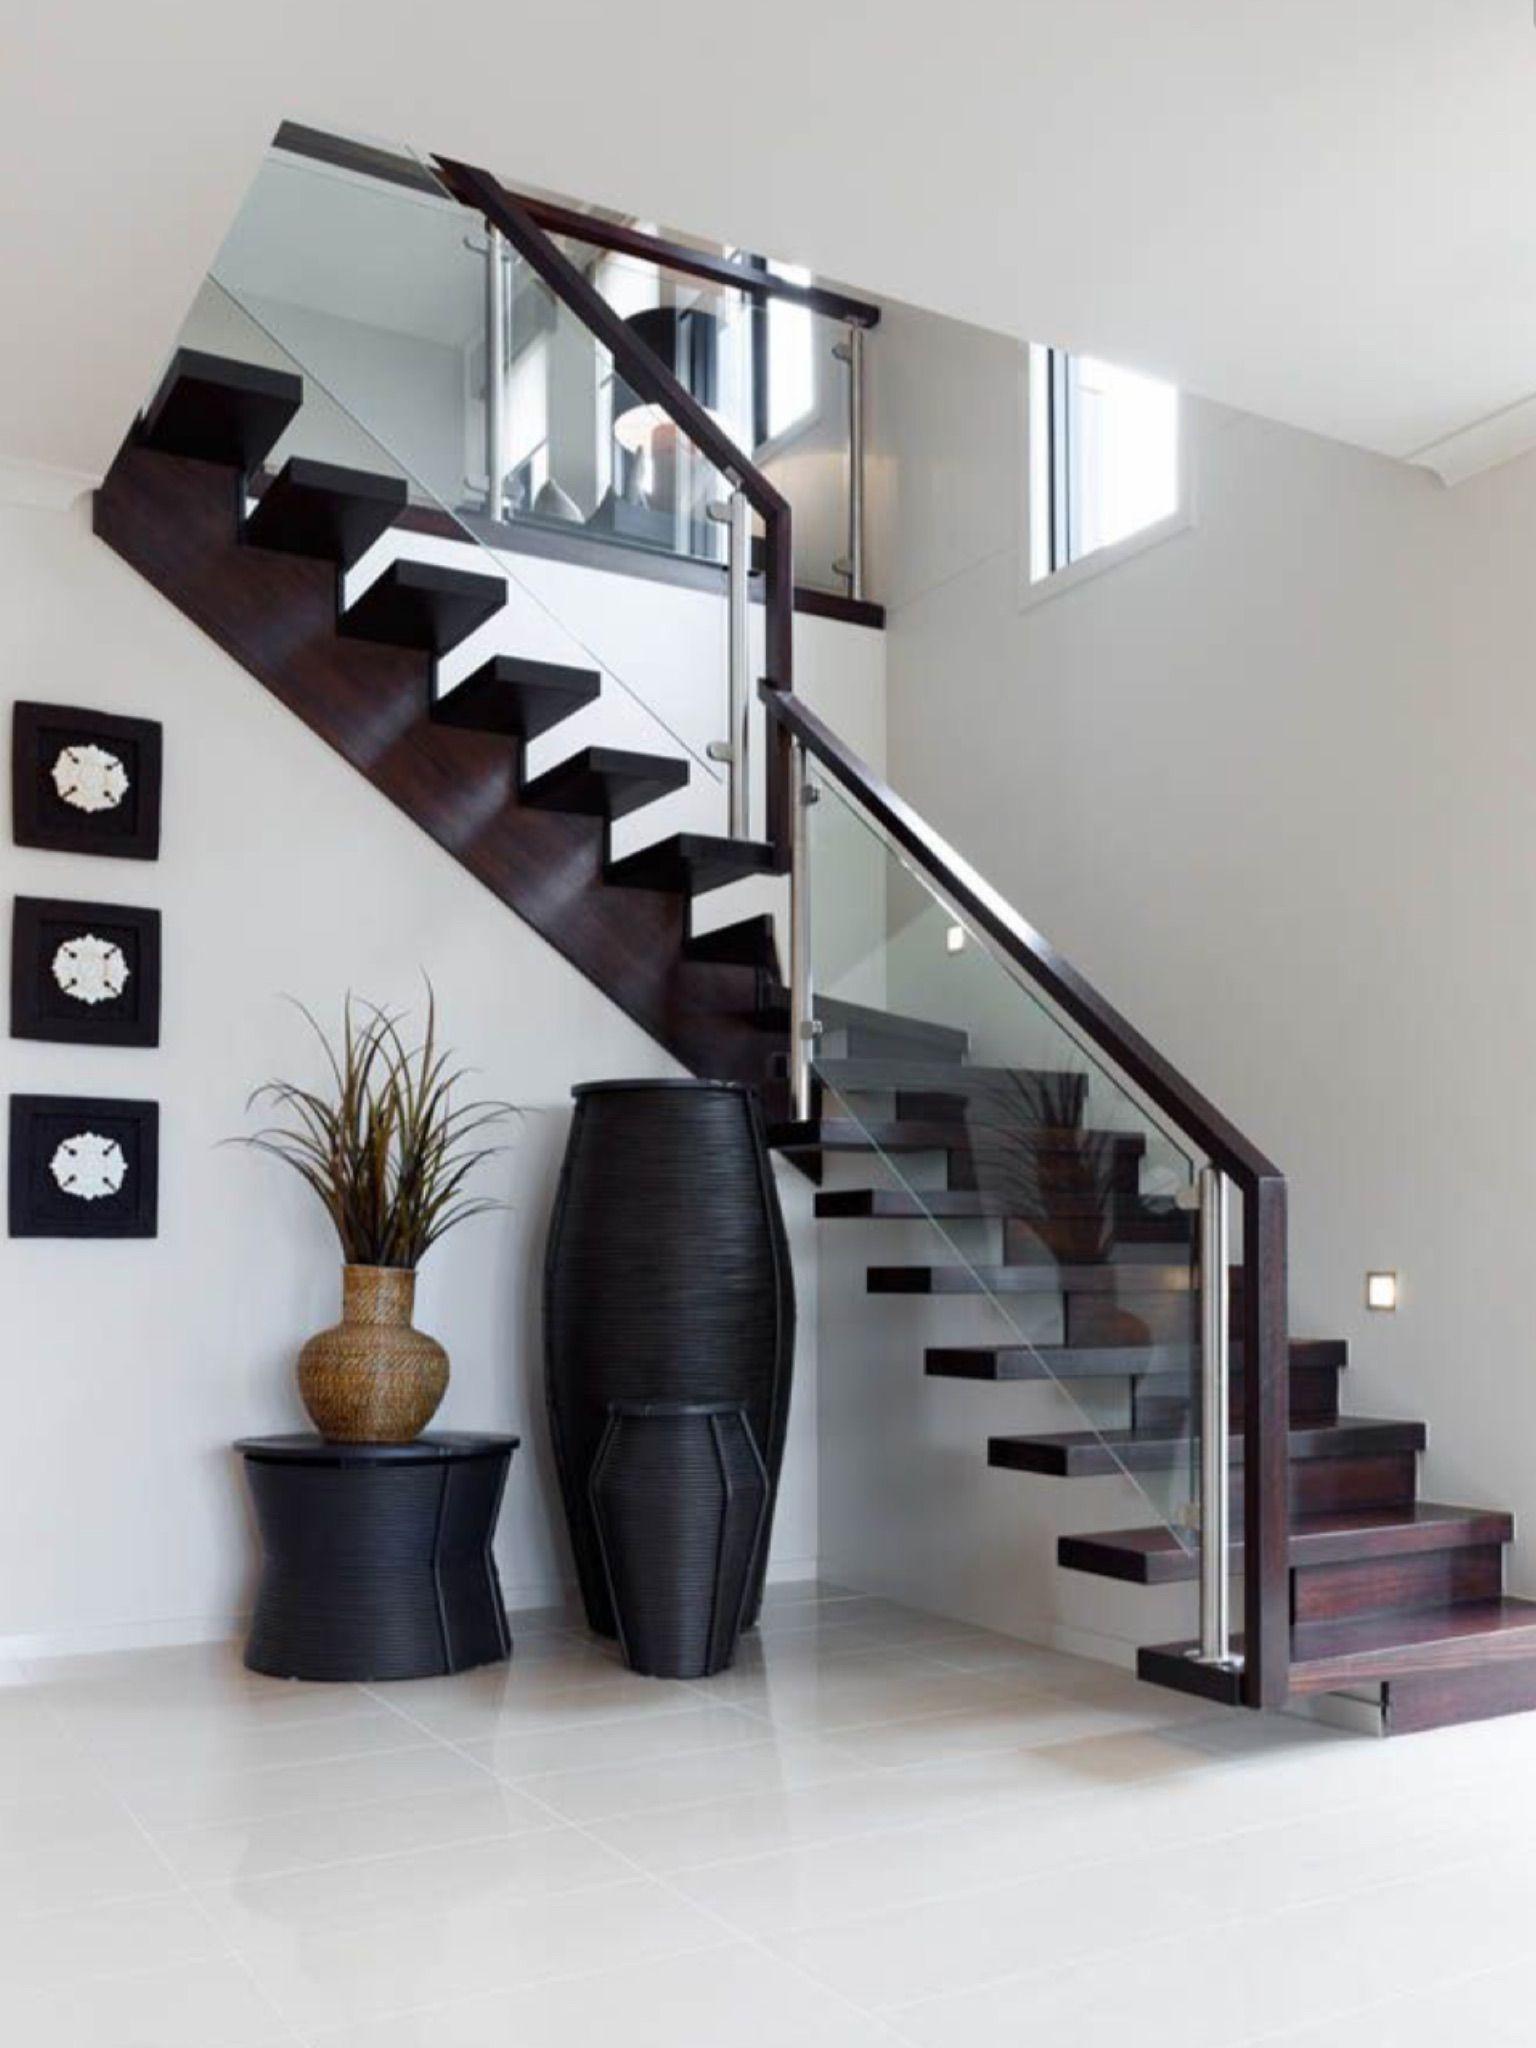 Escada Diseno De Escalera Escaleras Para Casas Pequenas Casas Modernas Interiores